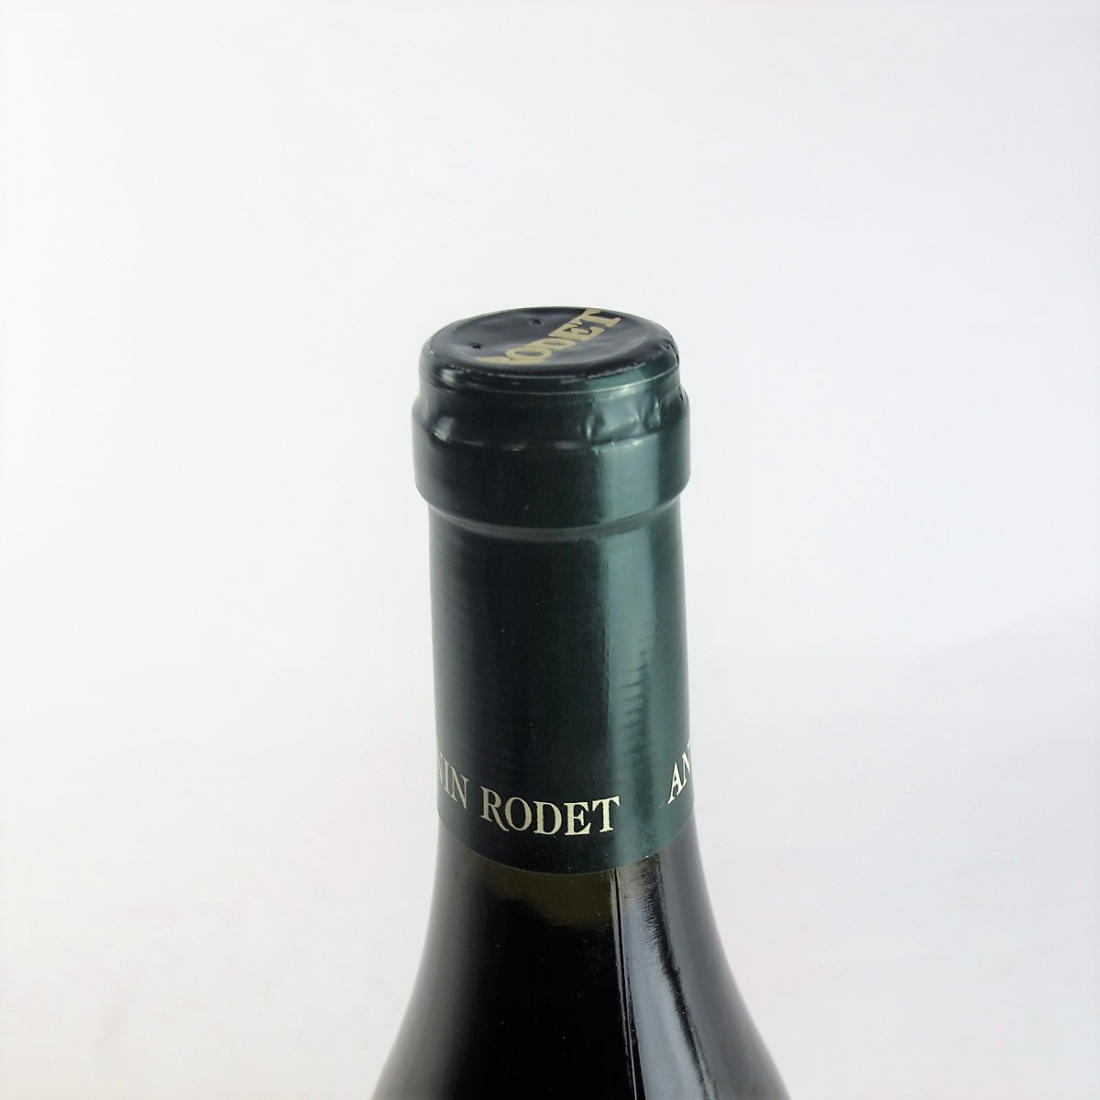 A.Rodet 2007 Puligny-Montrachet